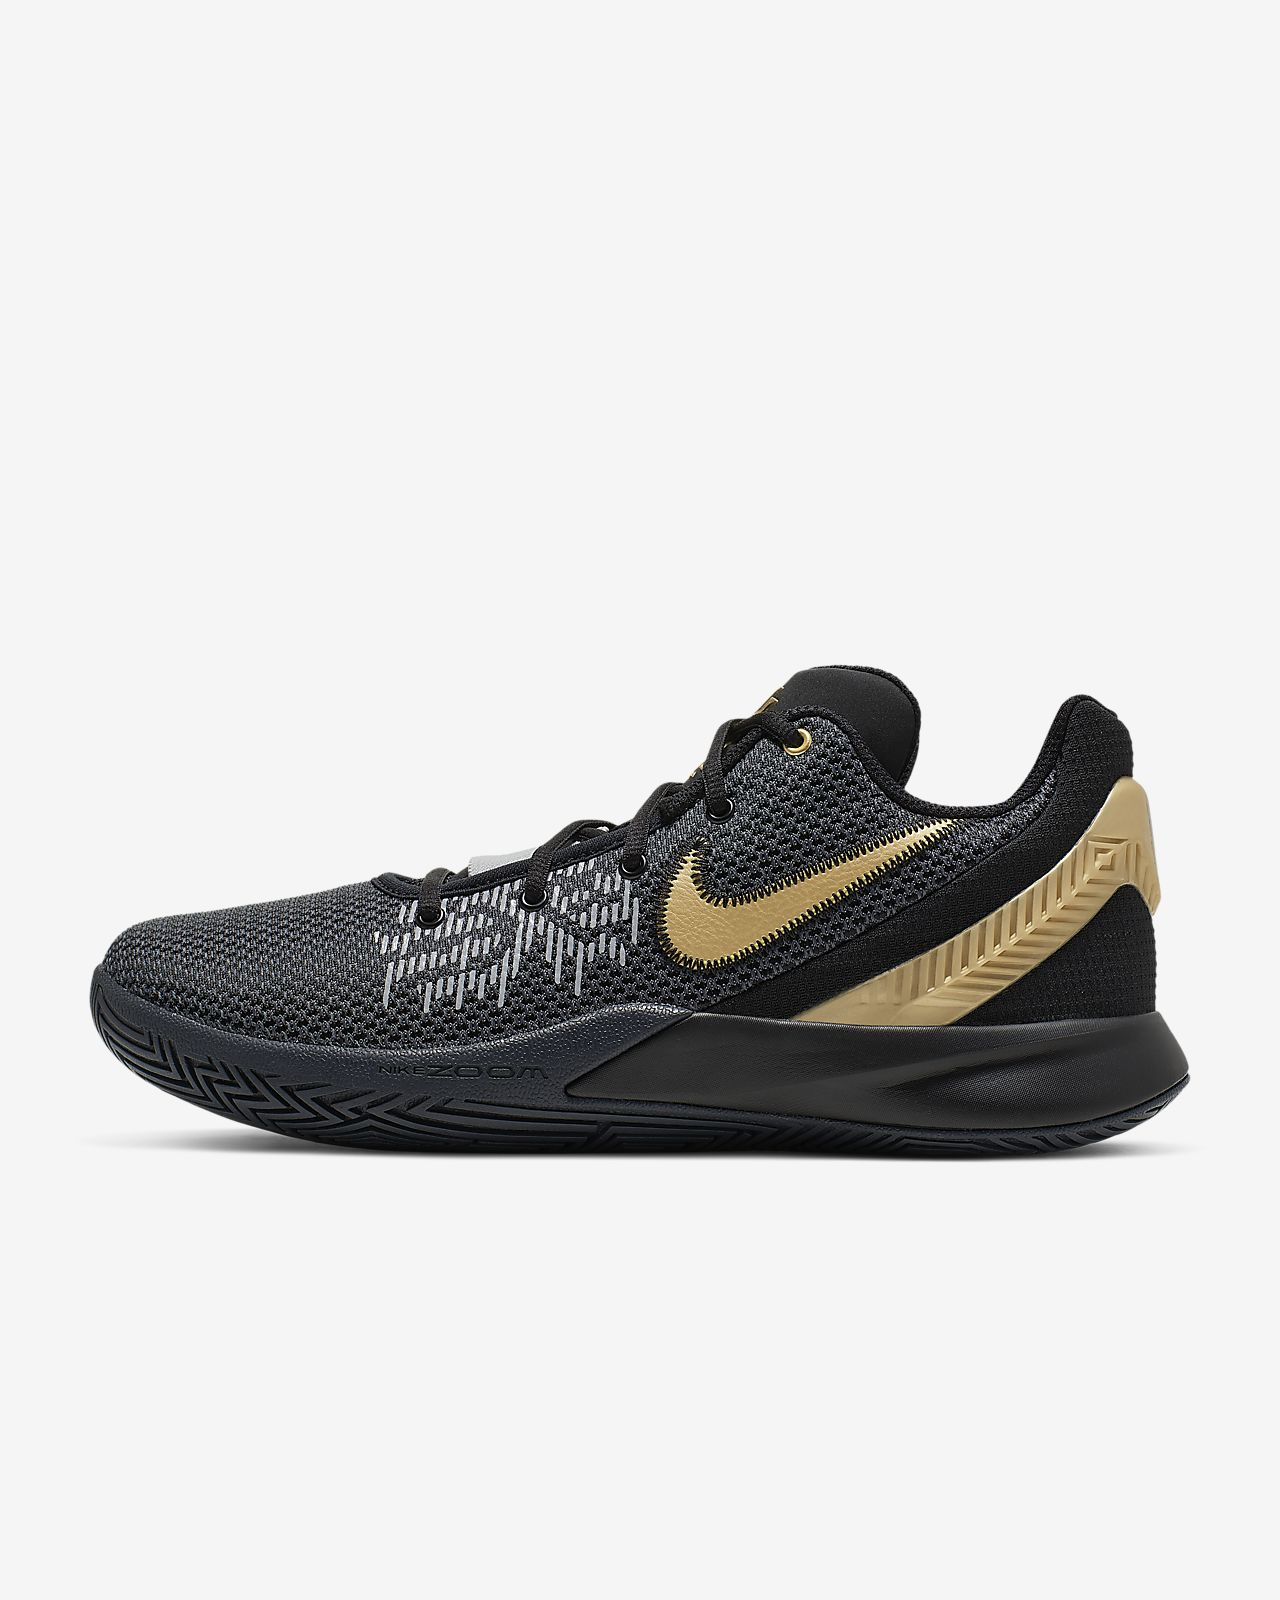 Kyrie Flytrap II Basketbol Ayakkabısı